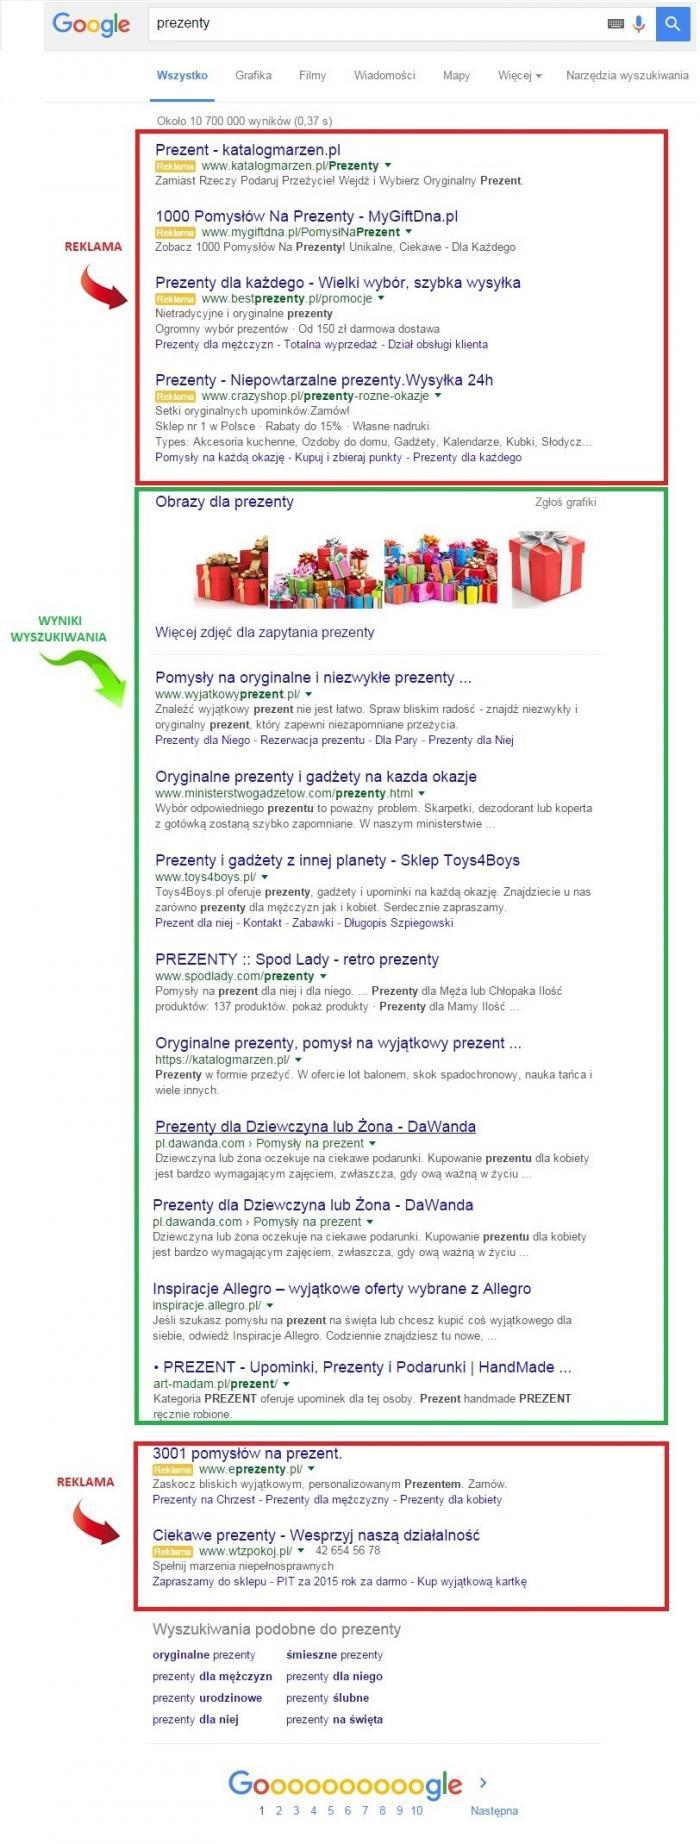 Pozycja strony Google